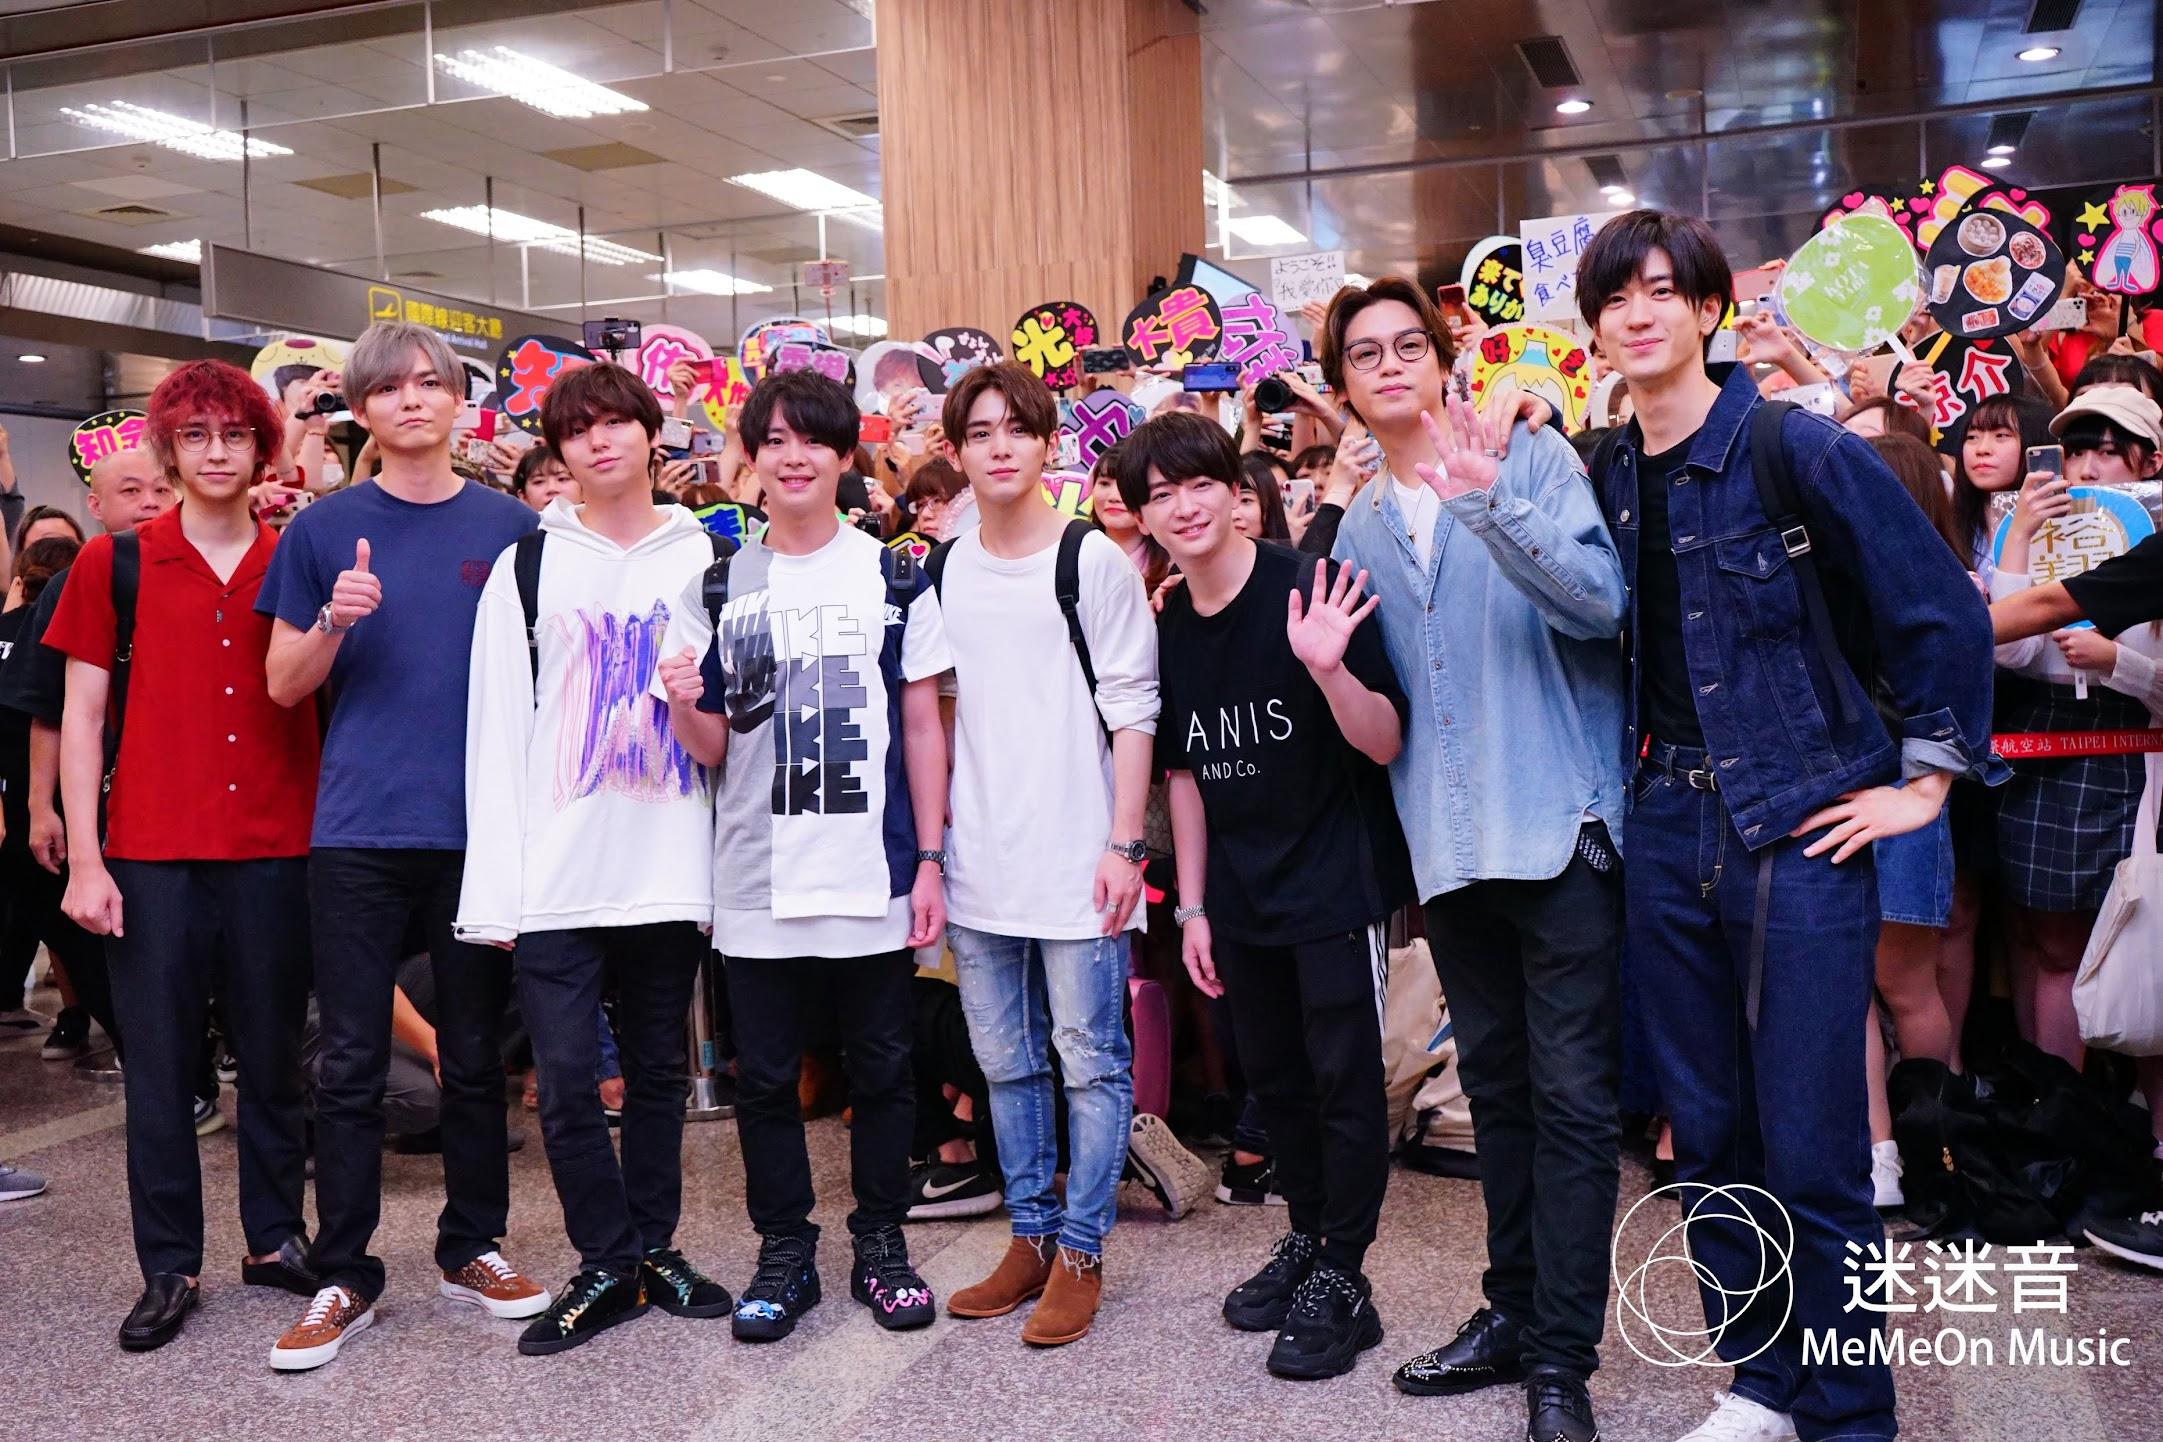 [迷迷音樂] Hey! Say! JUMP 本日抵台 六百粉絲擠爆機場